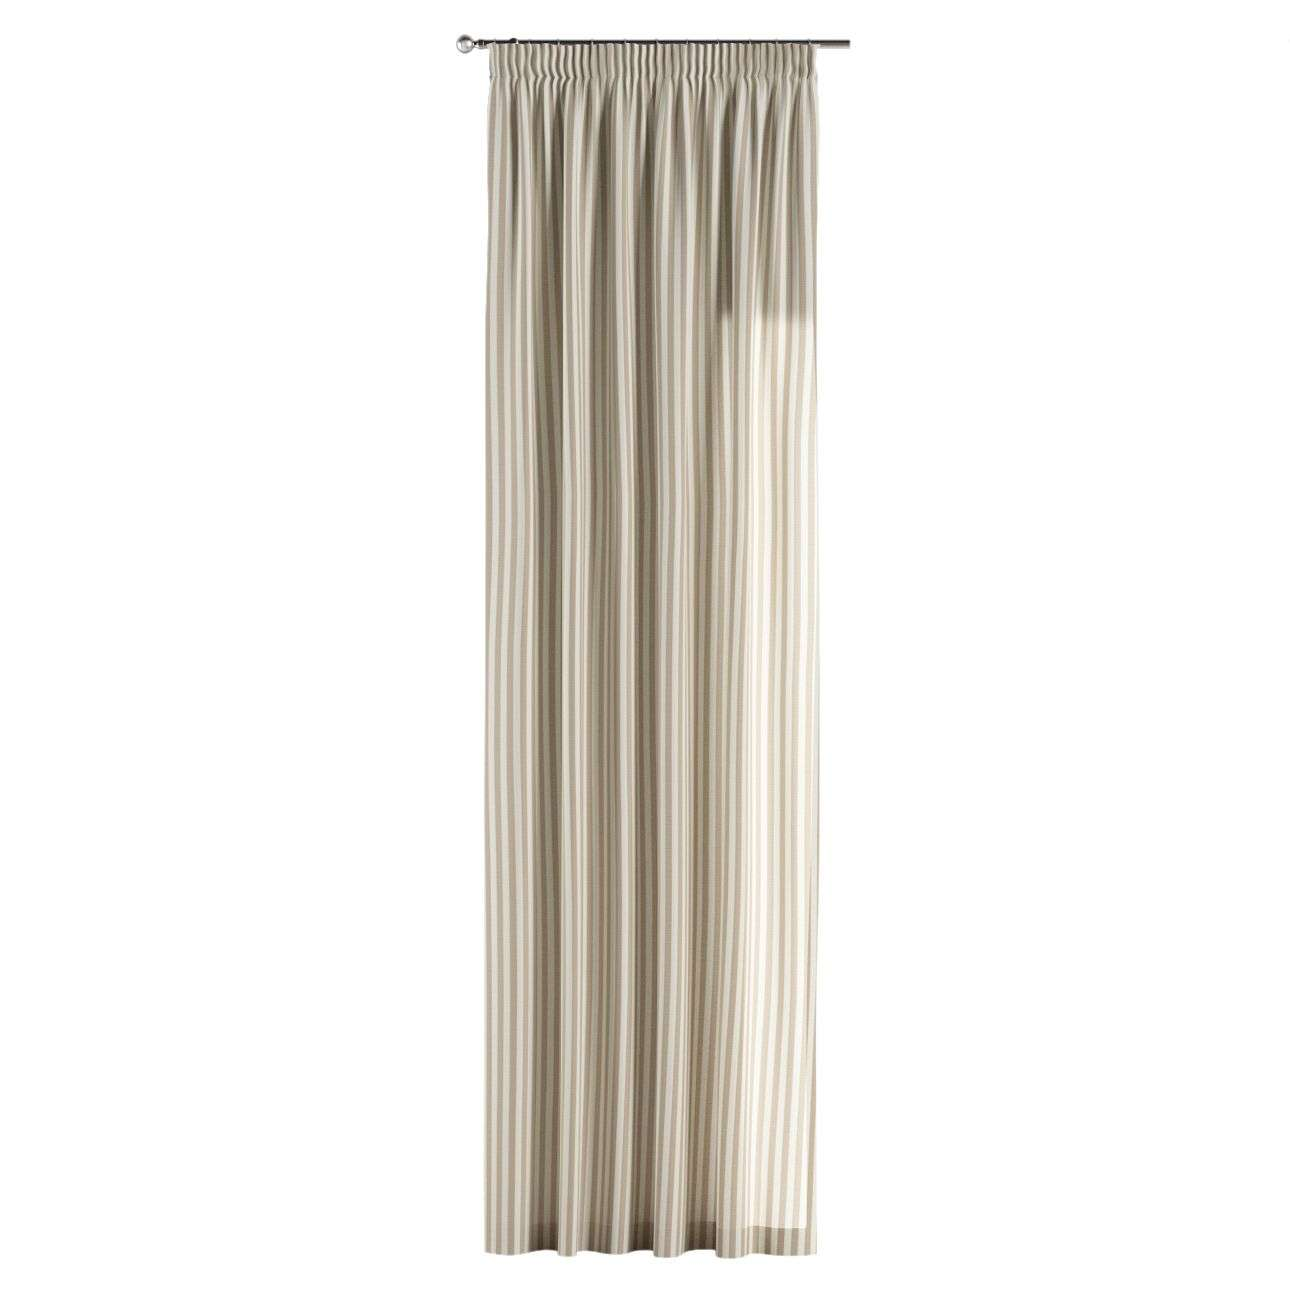 Vorhang mit Kräuselband 1 Stck. 130 x 260 cm von der Kollektion Quadro, Stoff: 136-07